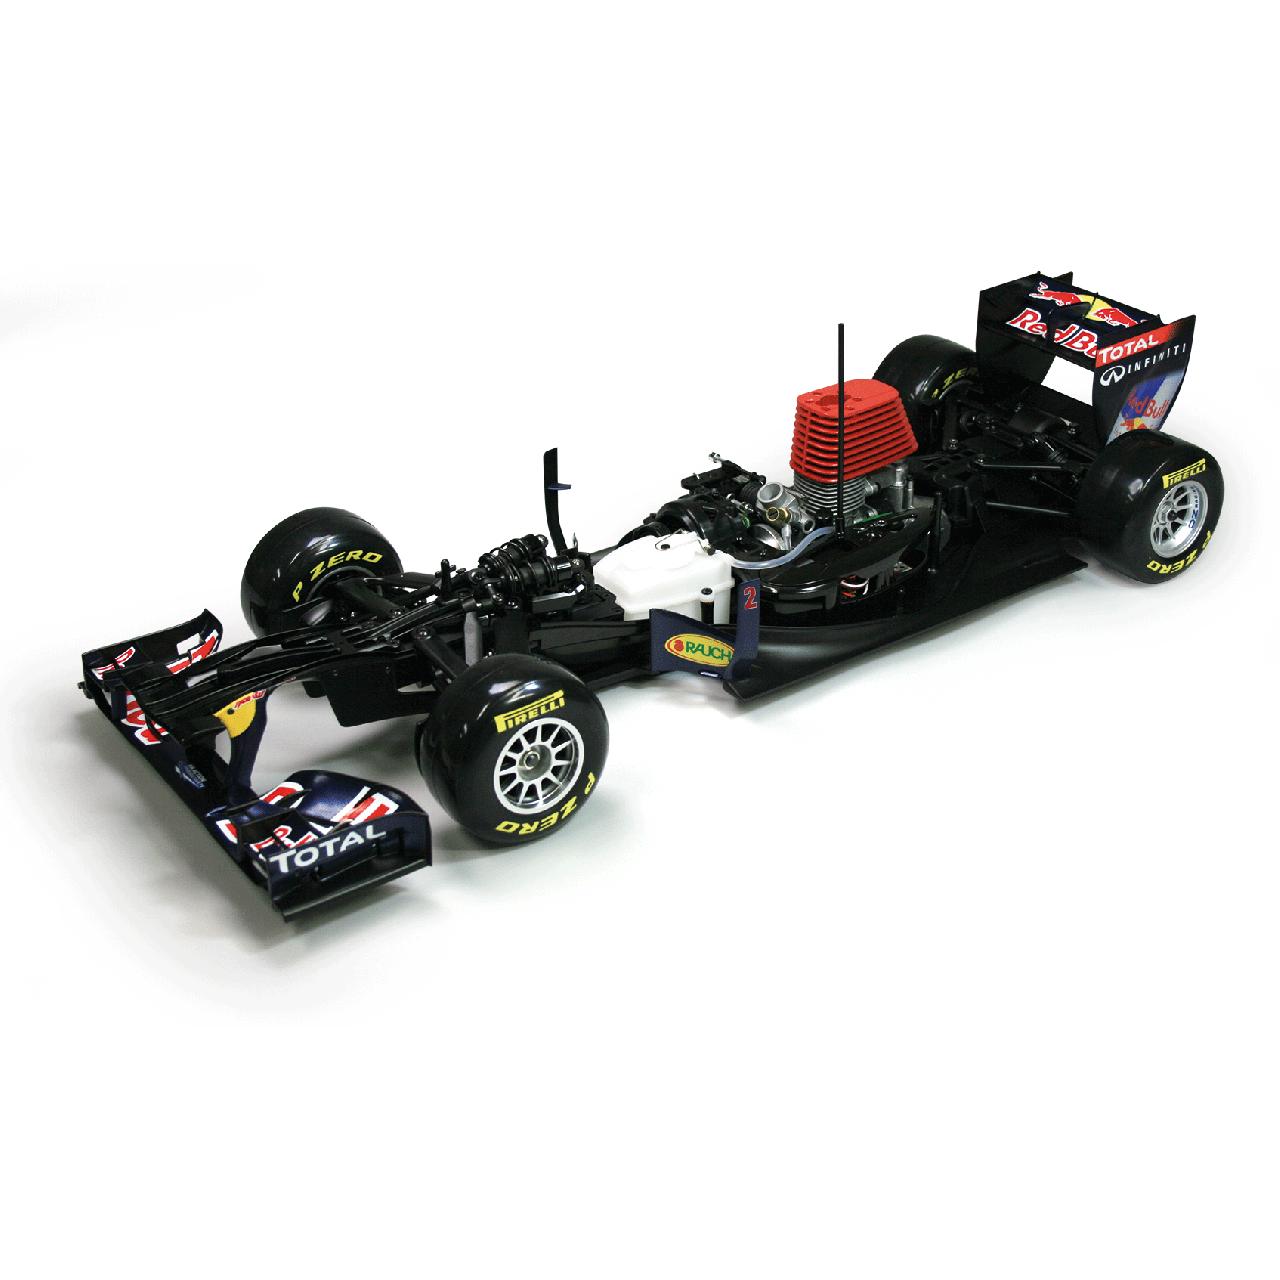 Red Bull Racing Rb7 Model Race Car De Agostini Modelspace